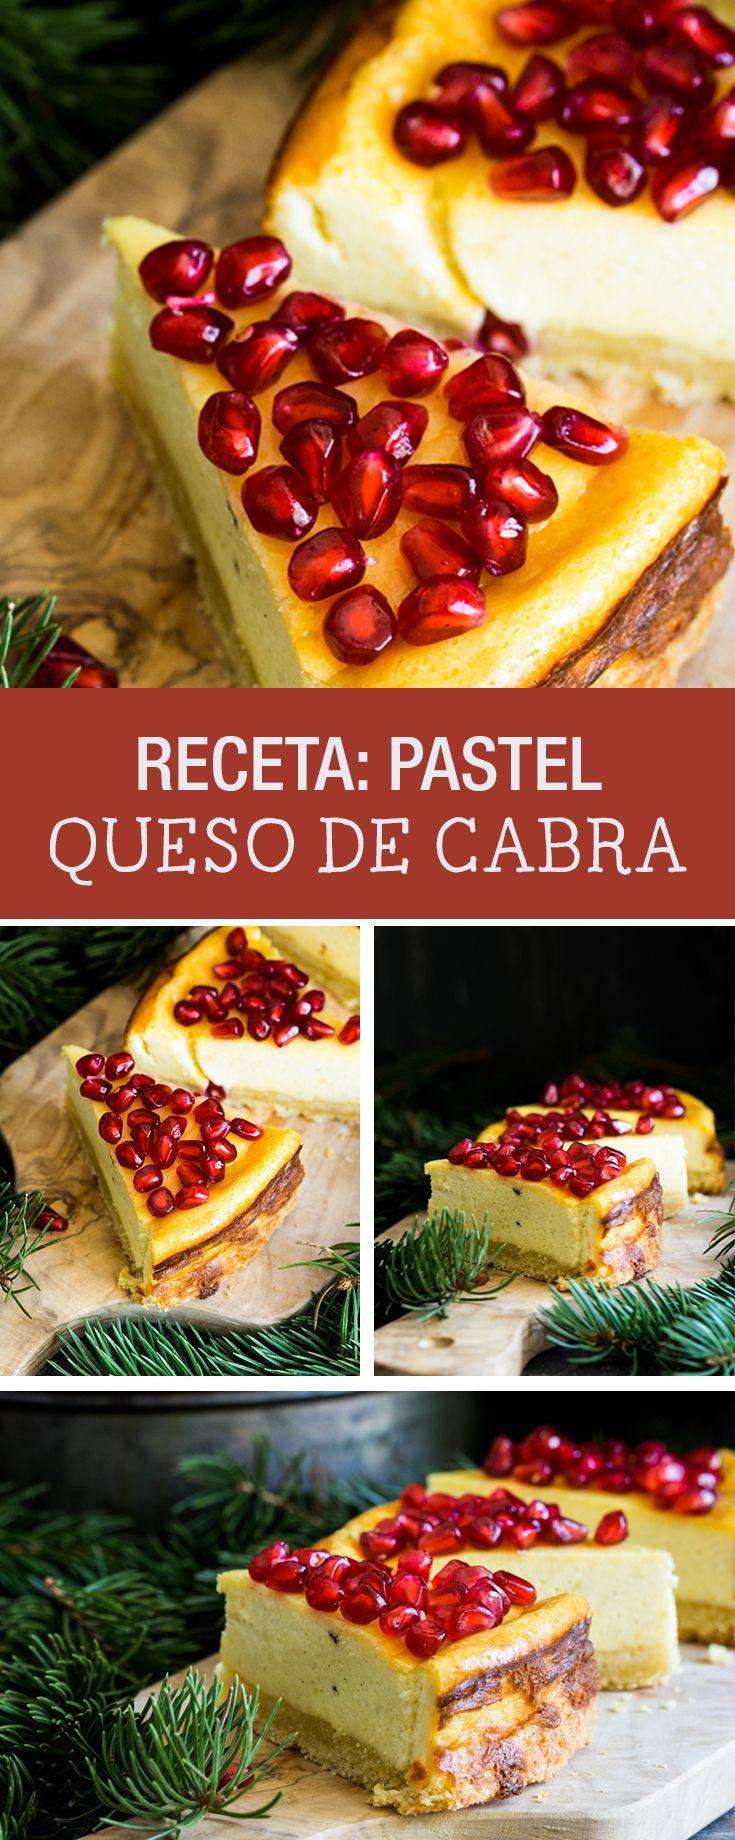 Receta: Cómo hacer pastel de queso de cabra y granada - Recetas y postres en DaWanda.es